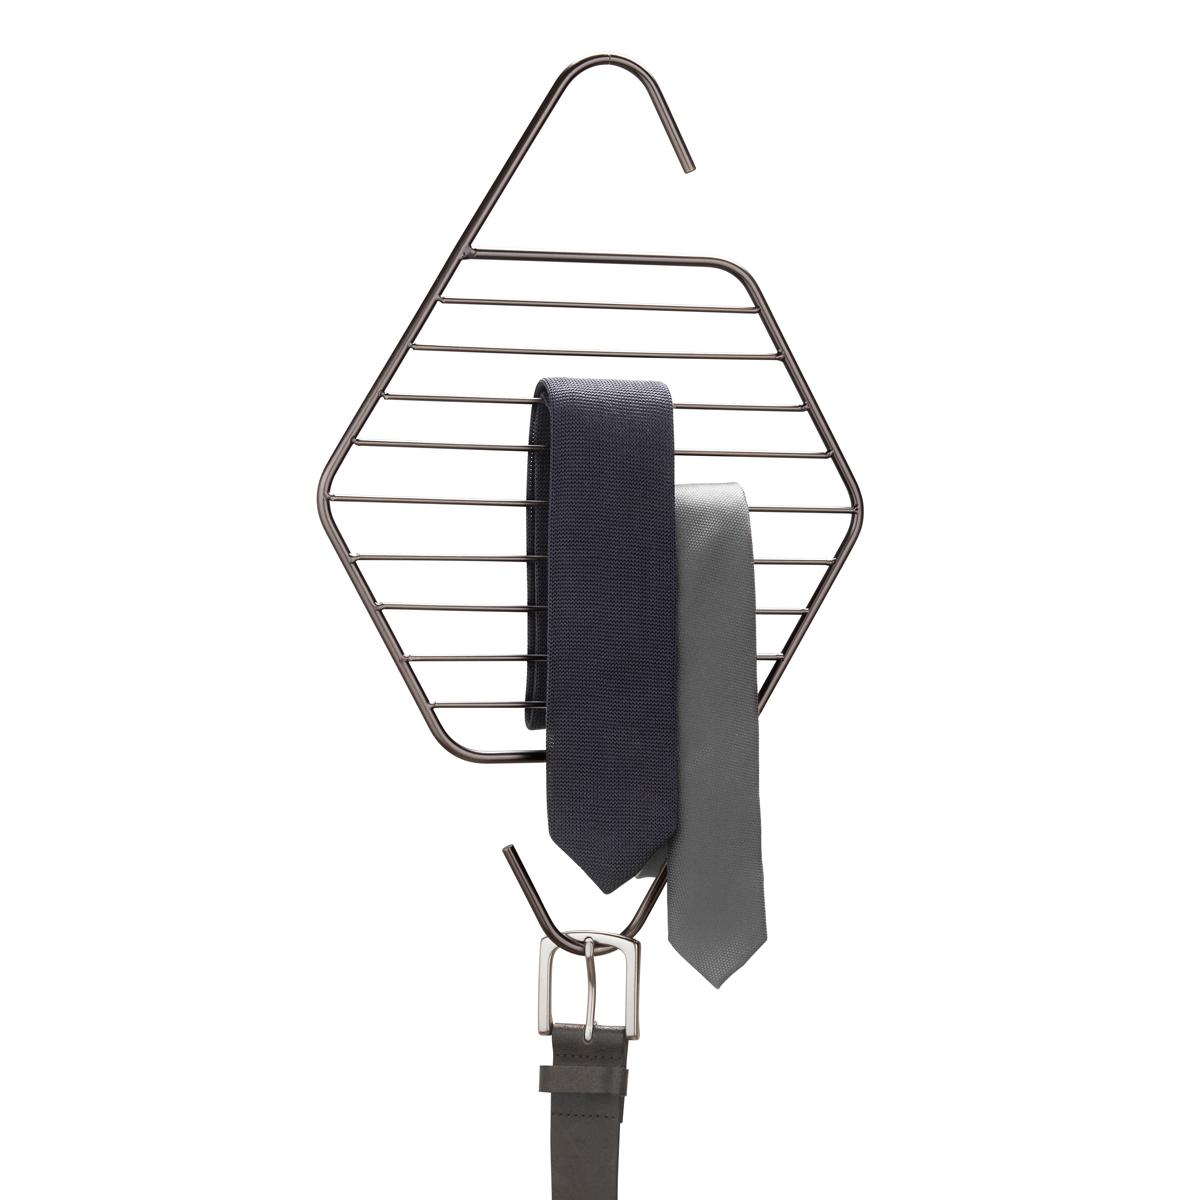 Органайзер для галстуков и ремней Umbra Pendant294316-378Пополнение в коллекции Pendant, которую характеризуют лаконичные геометрические формы. Металлические перекладины предназначены для хранения галстуков и ремней. Может быть подвешен к стене, штанге для вешалок или дверной ручке.